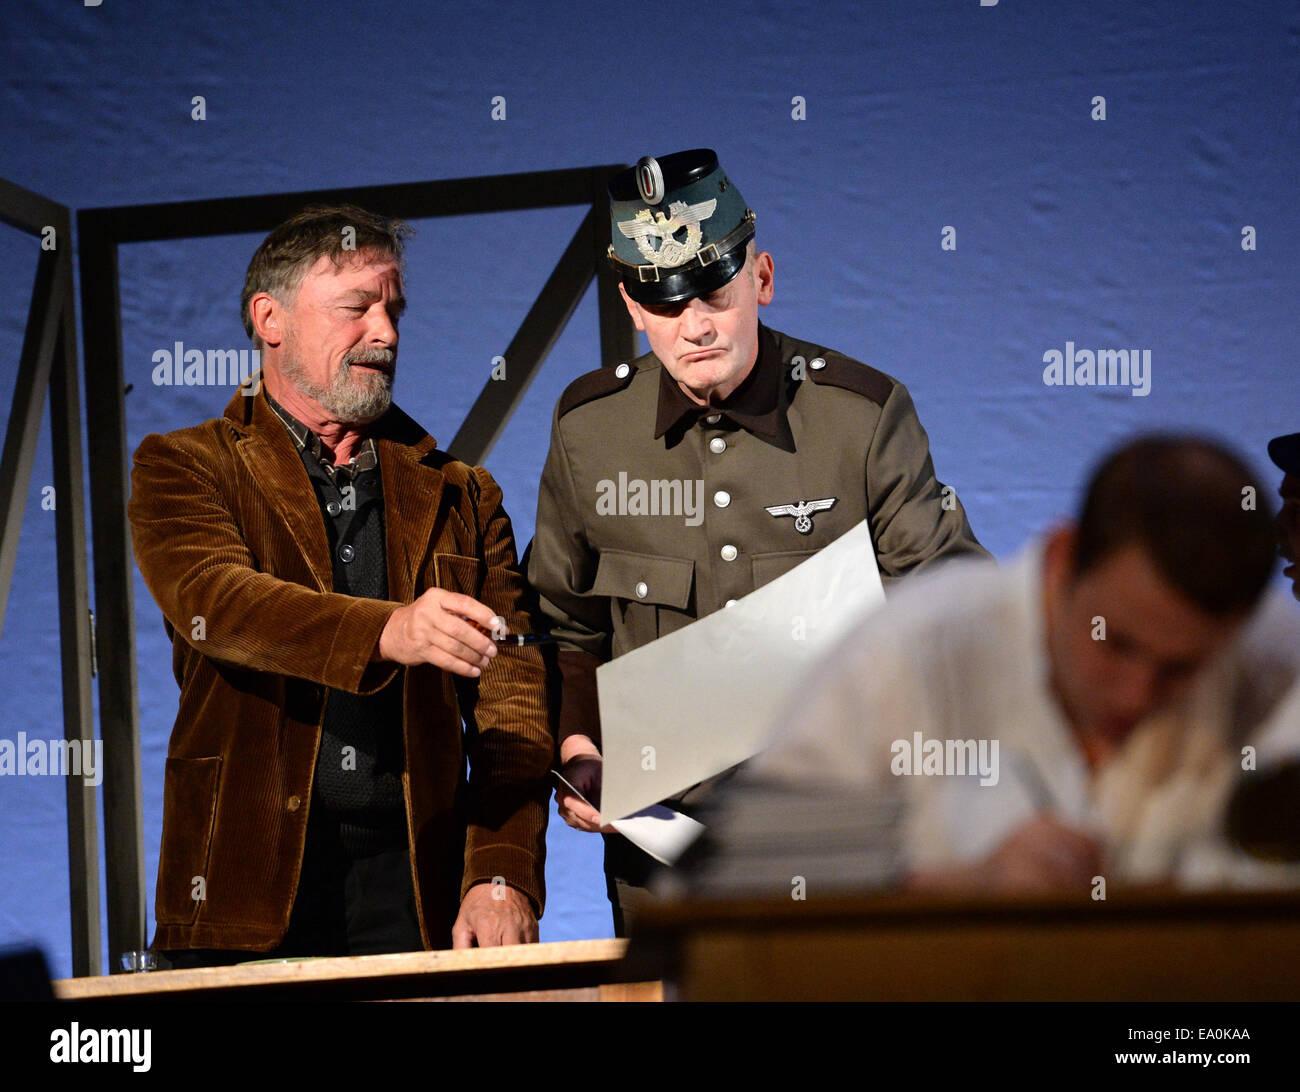 Ziemlich Hypothekendarlehen Offizier Nimmt Proben Bilder - Entry ...